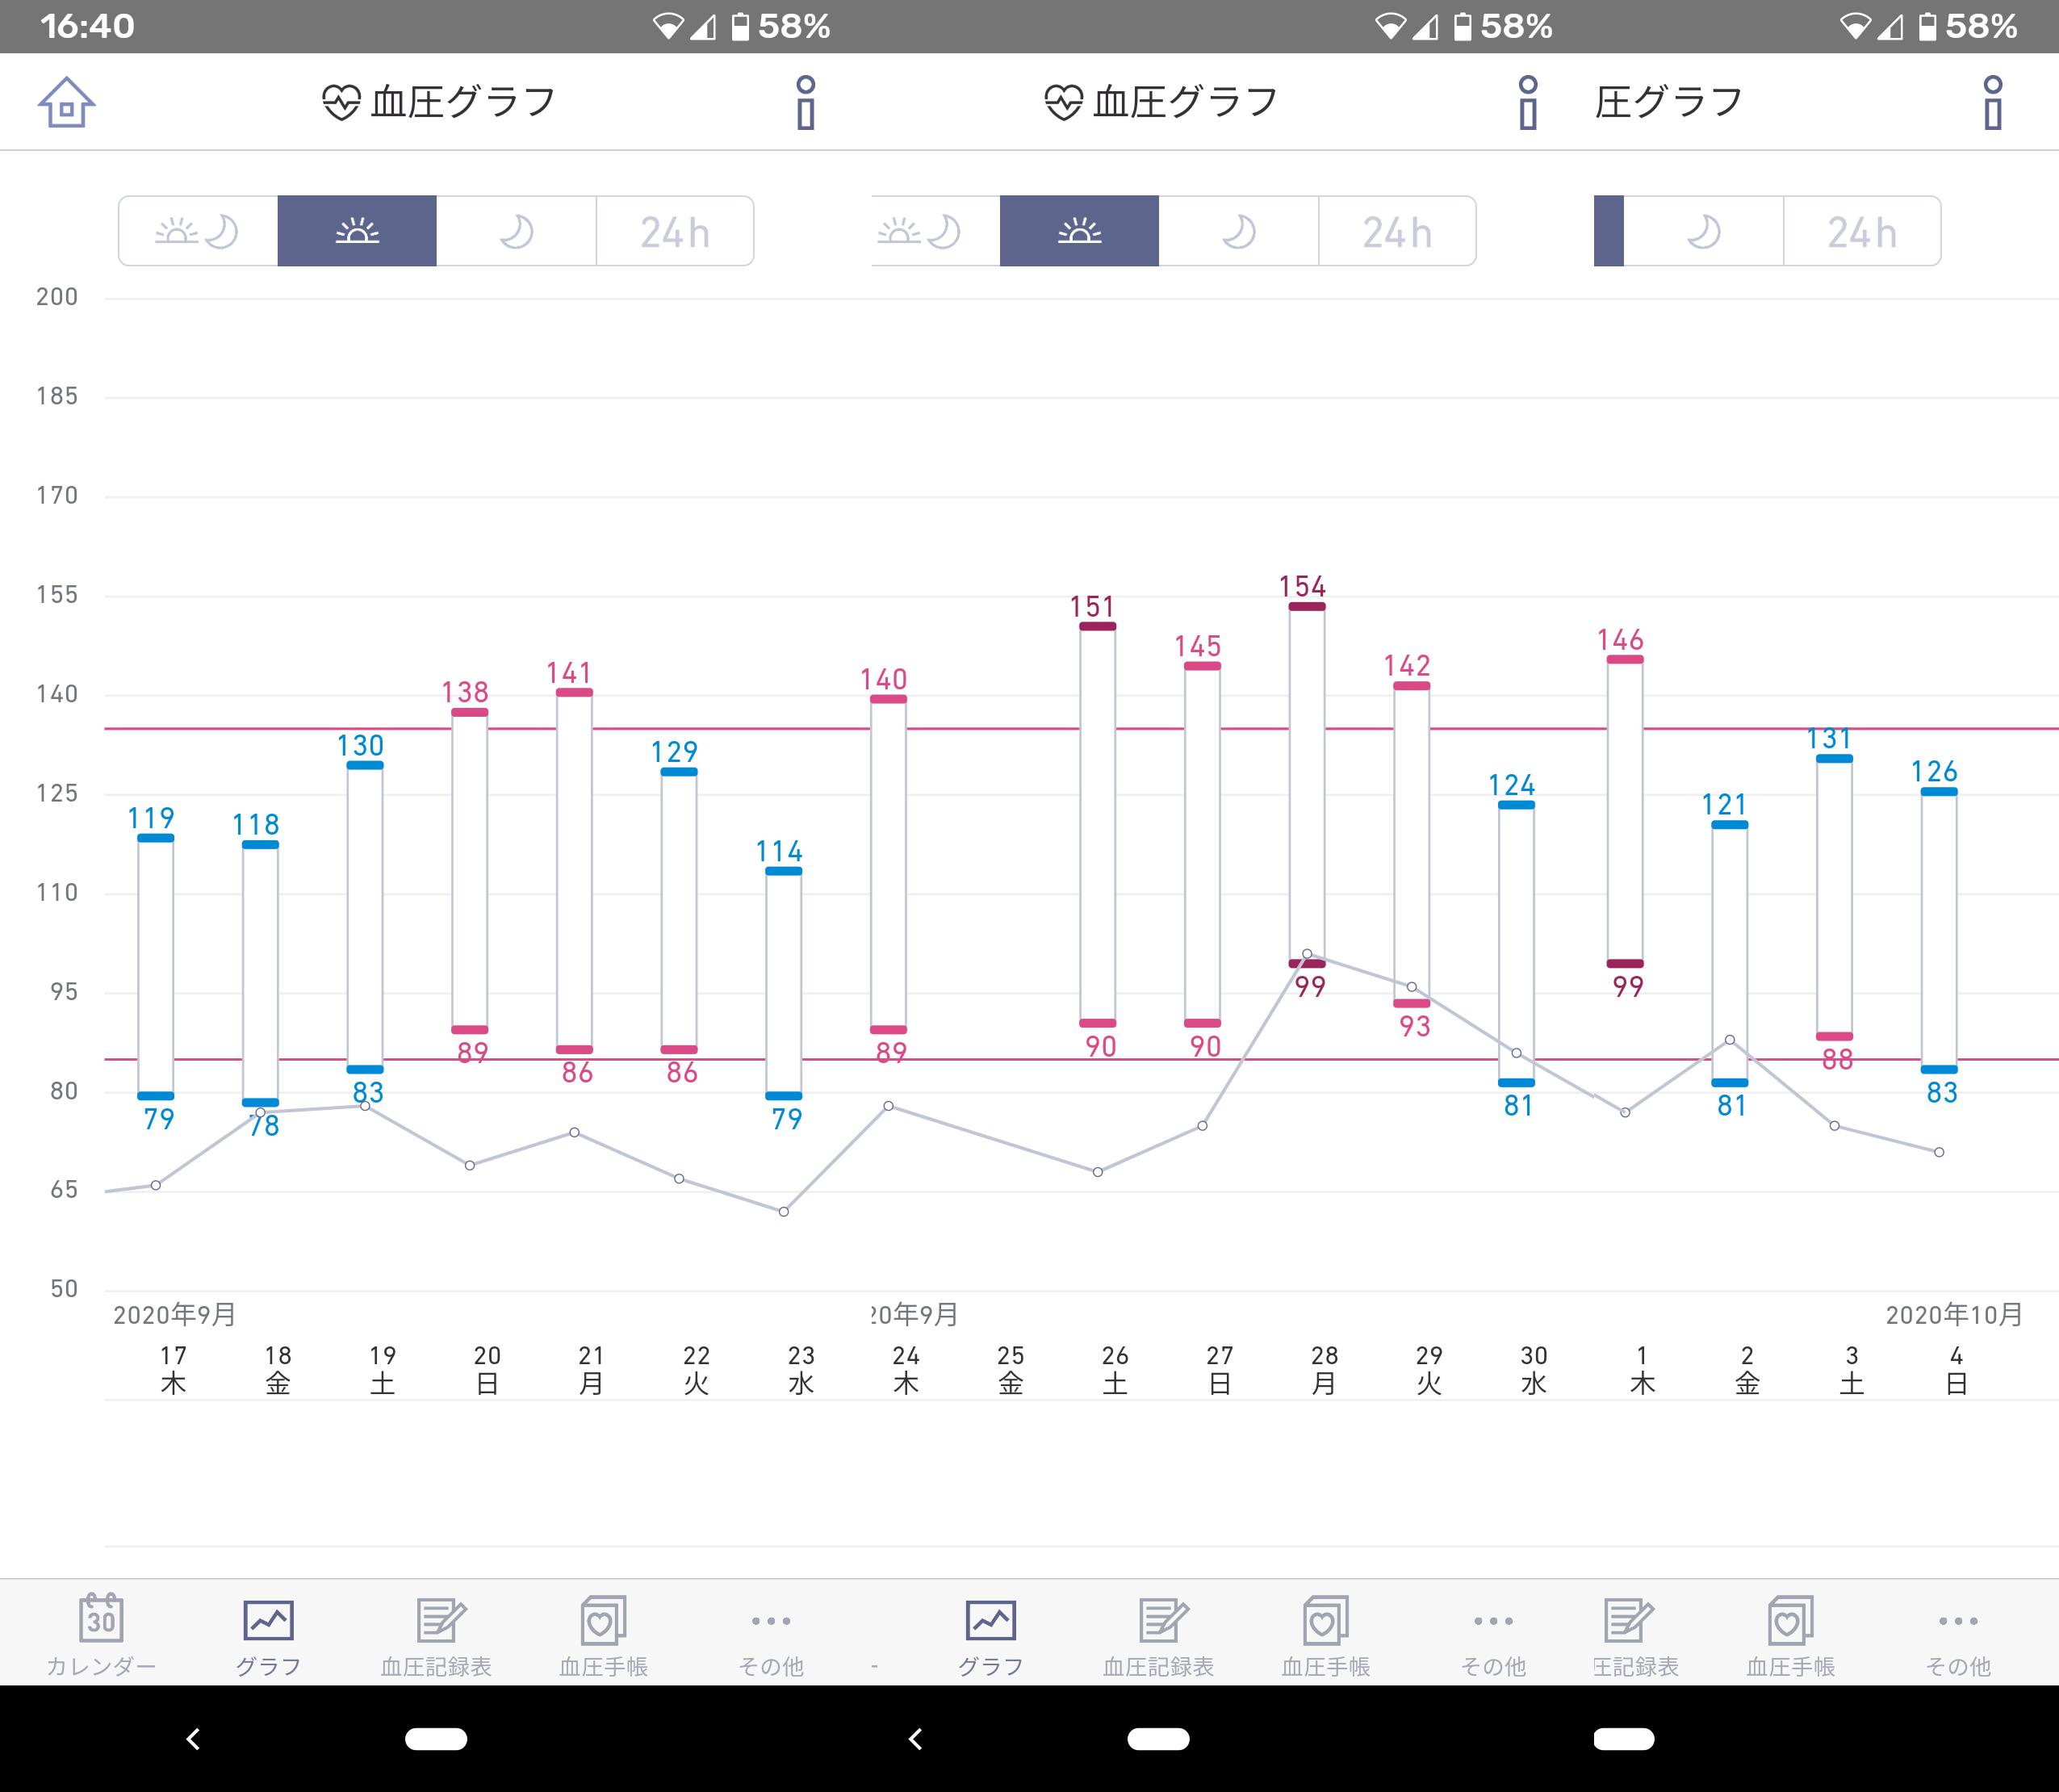 血圧グラフ2